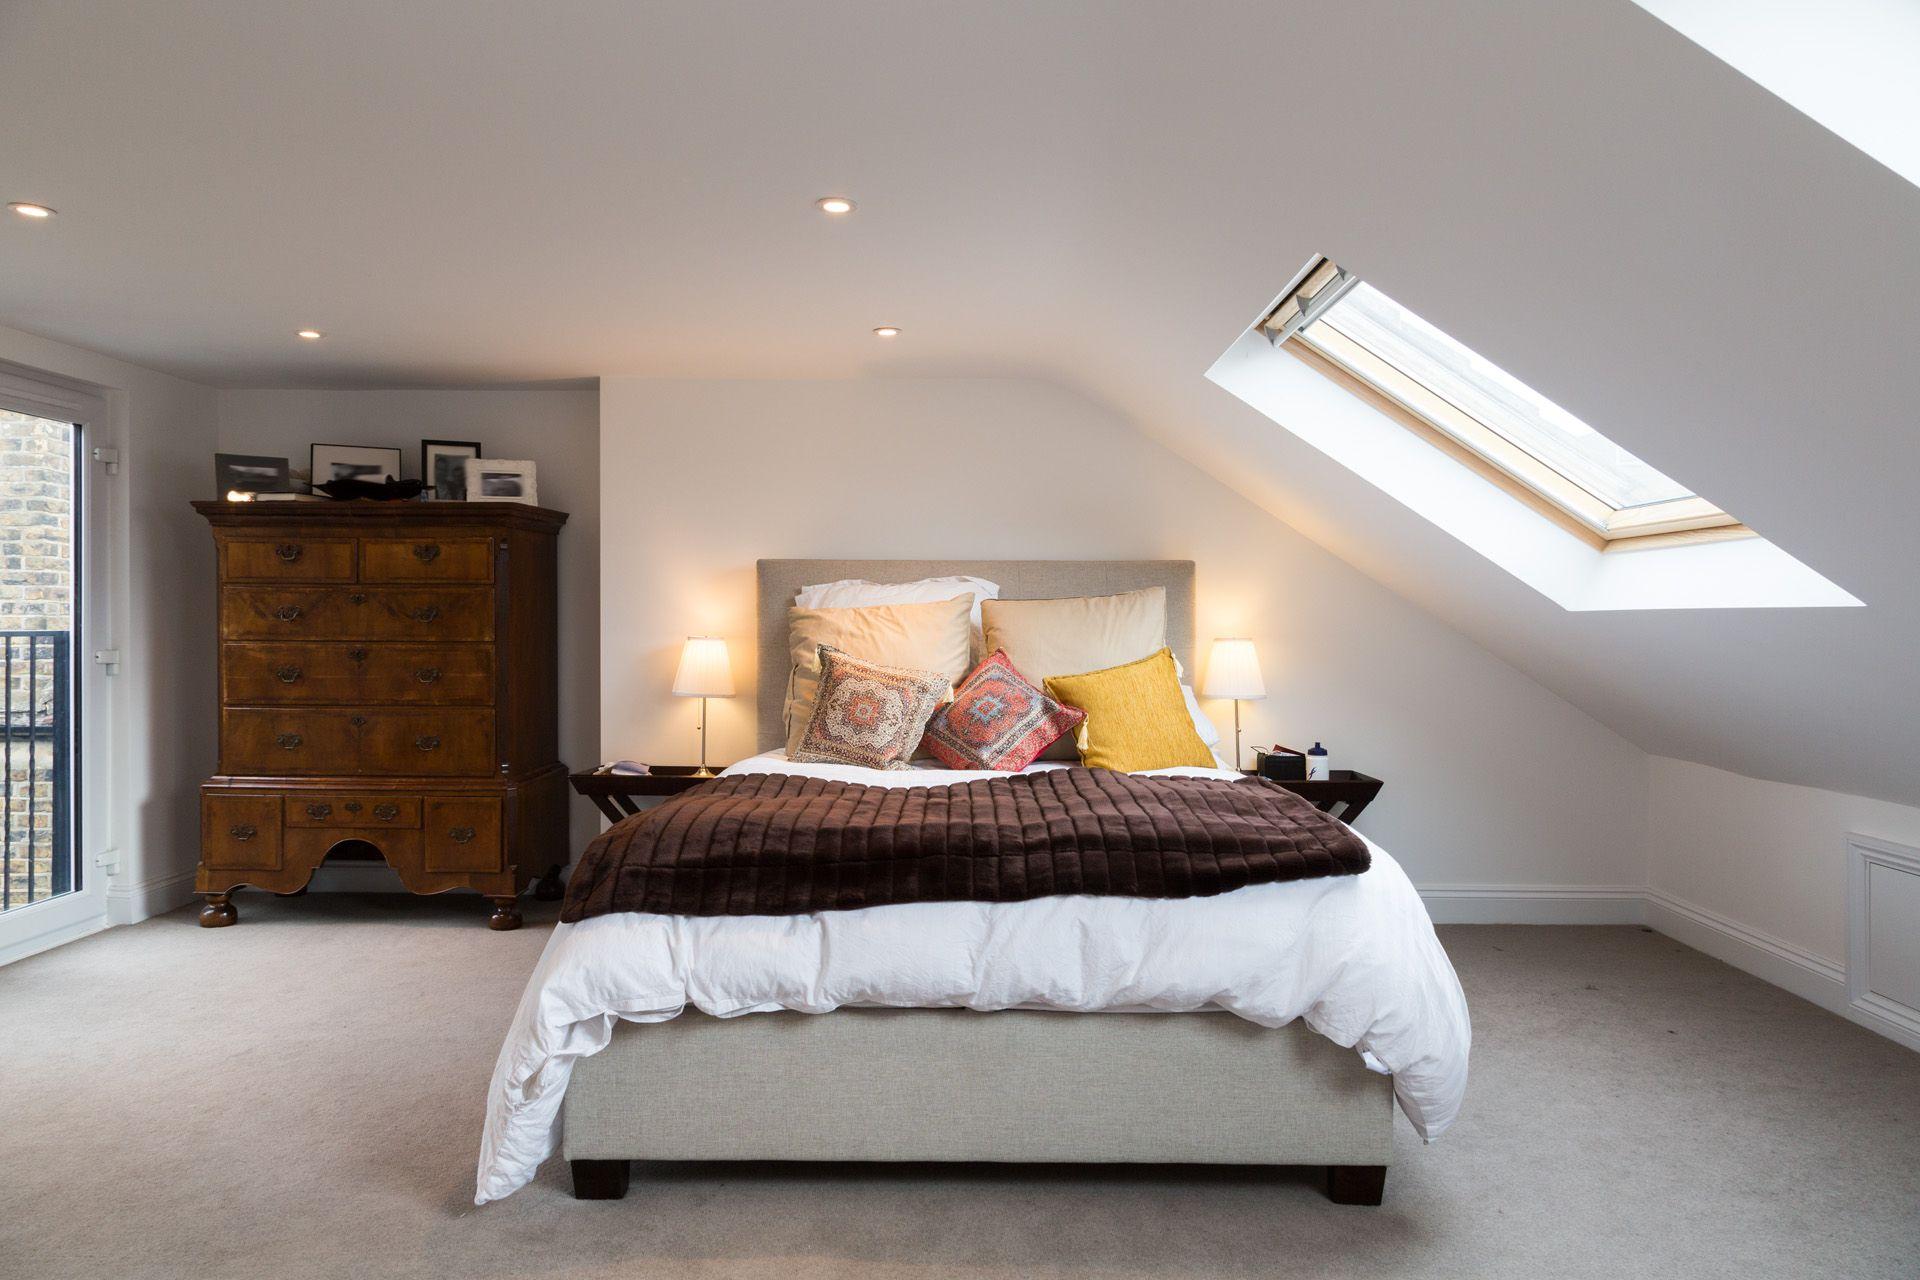 Dormer loft conversion bedroom simply loft pinterest - How to convert a loft into a bedroom ...